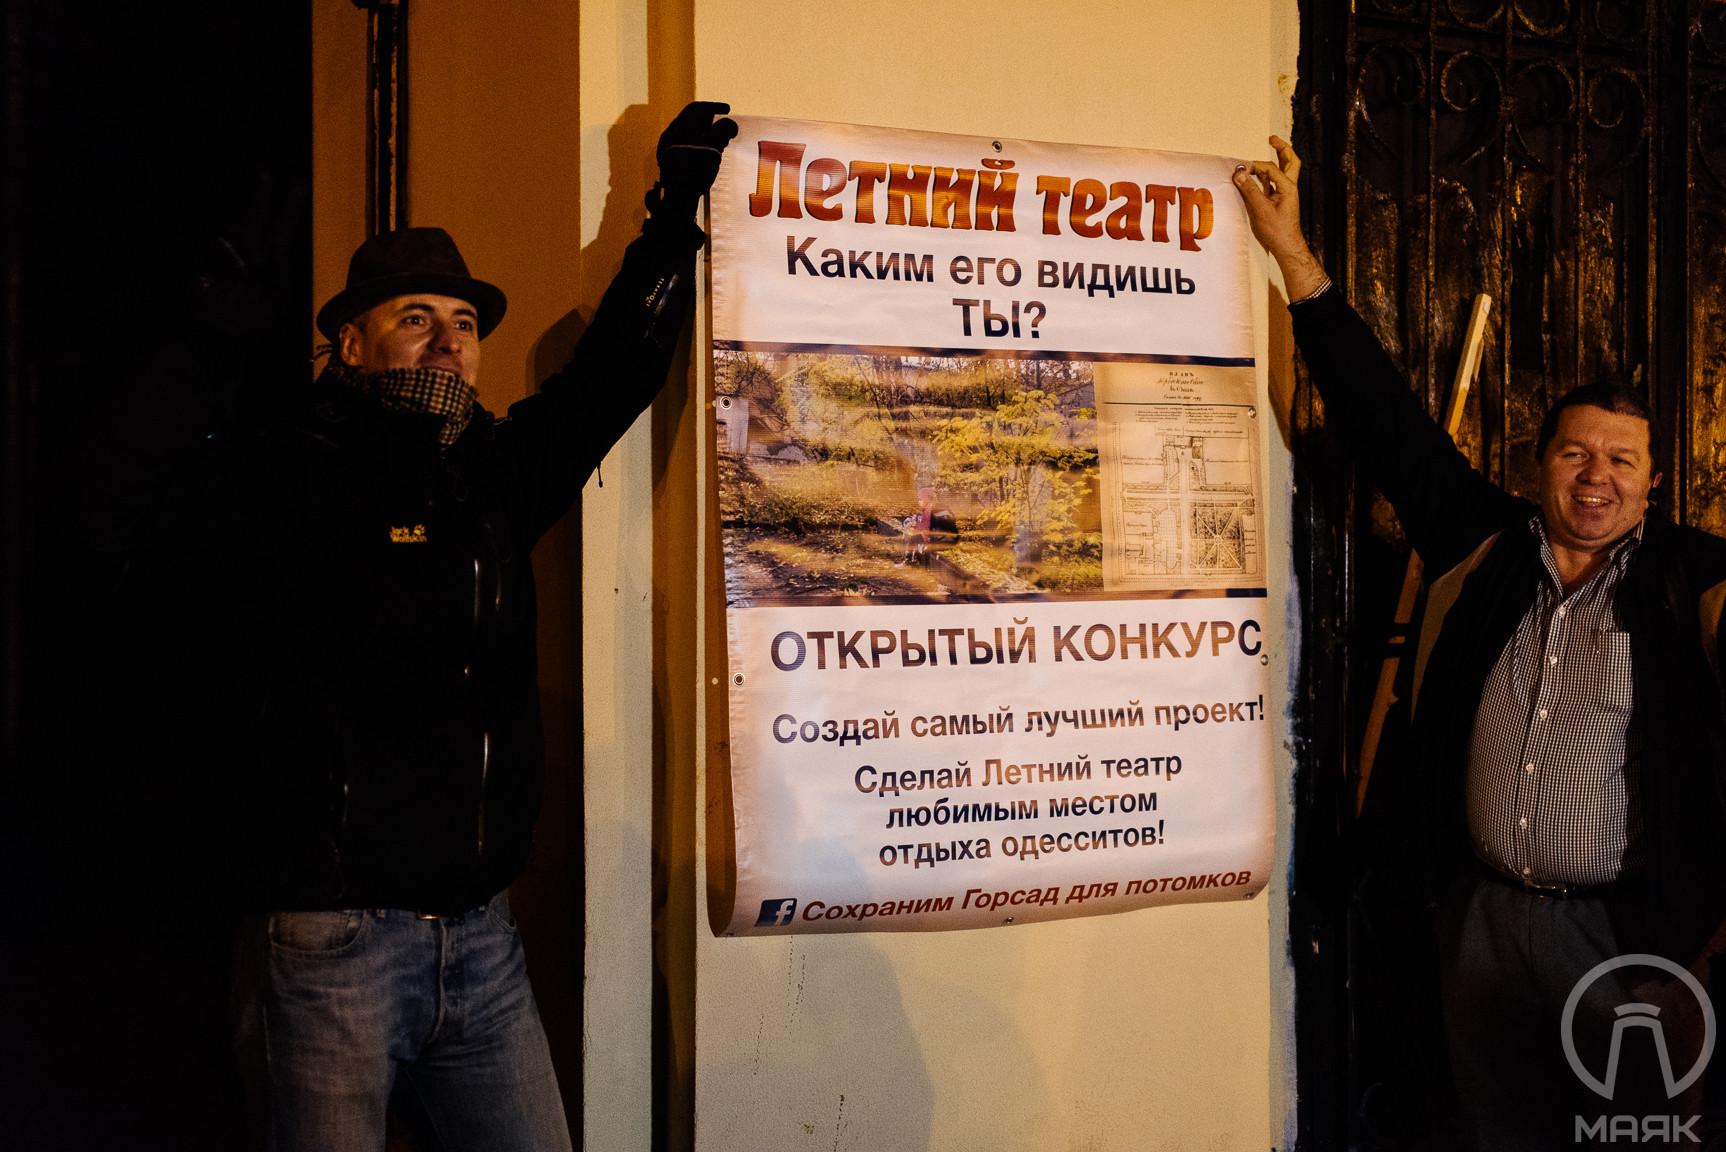 В Одессе митингующие потребовали прекратить преследования активистов, защищавших Летний театр (обновлено)